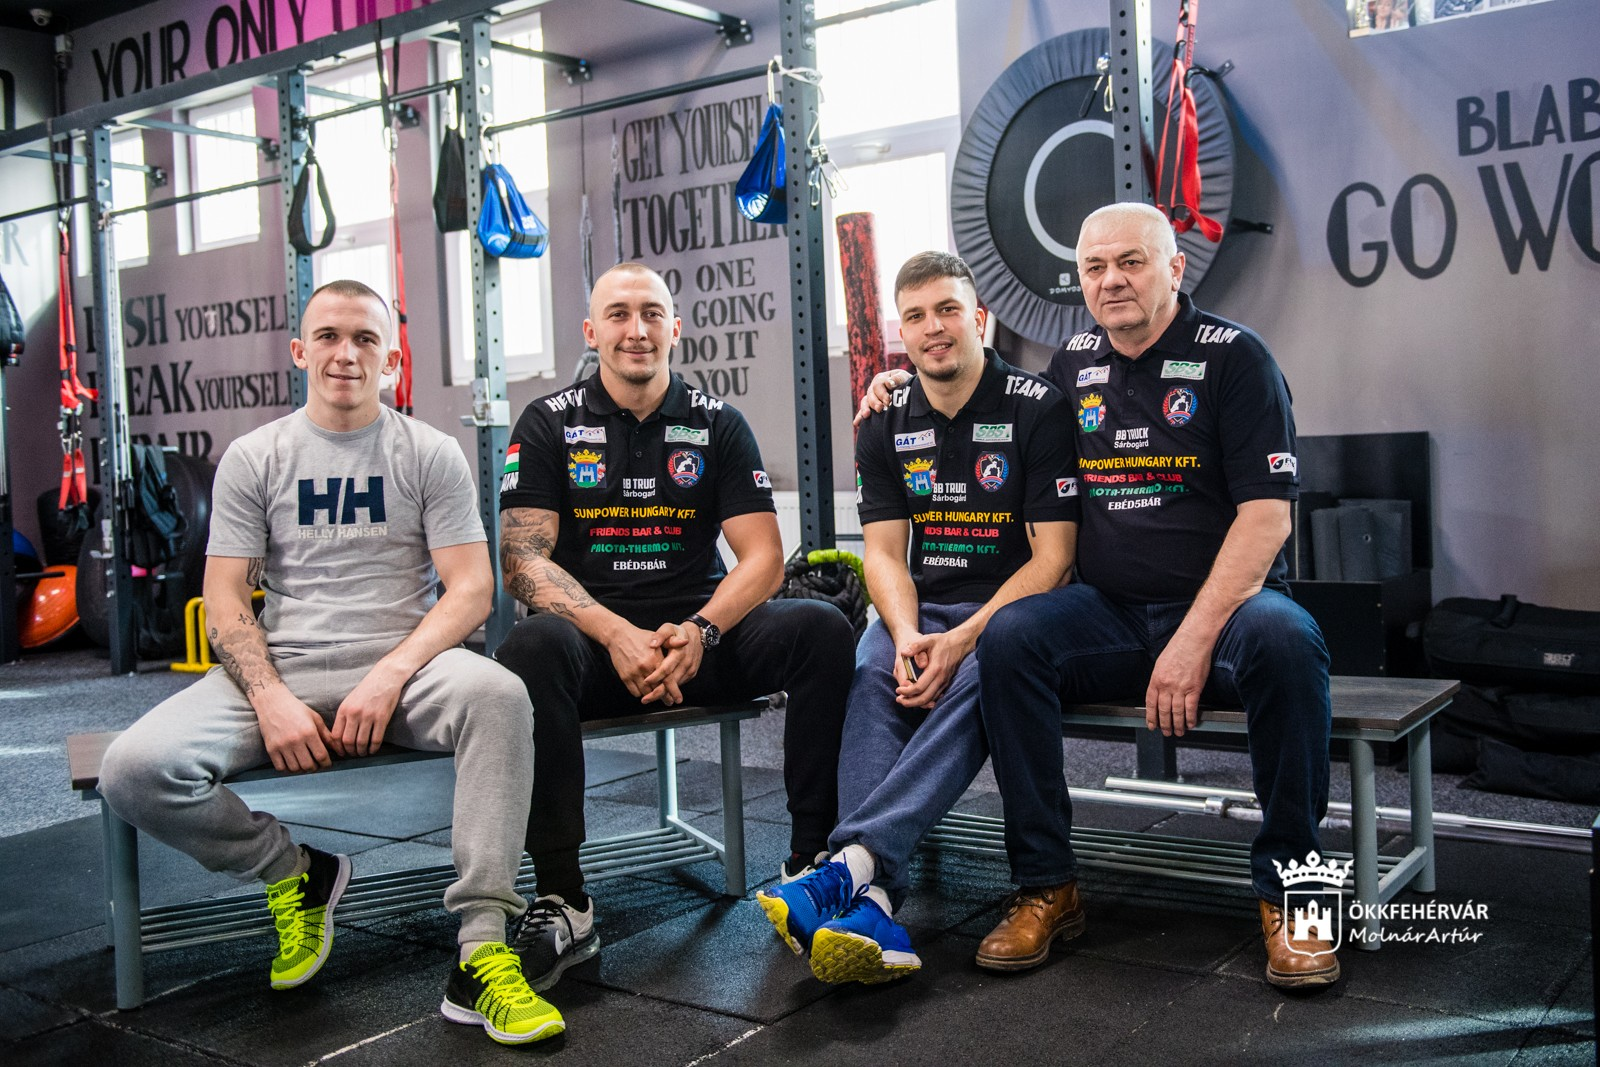 Egyre több székesfehérvári diák sportolhat a Cutler Gym edzőteremben